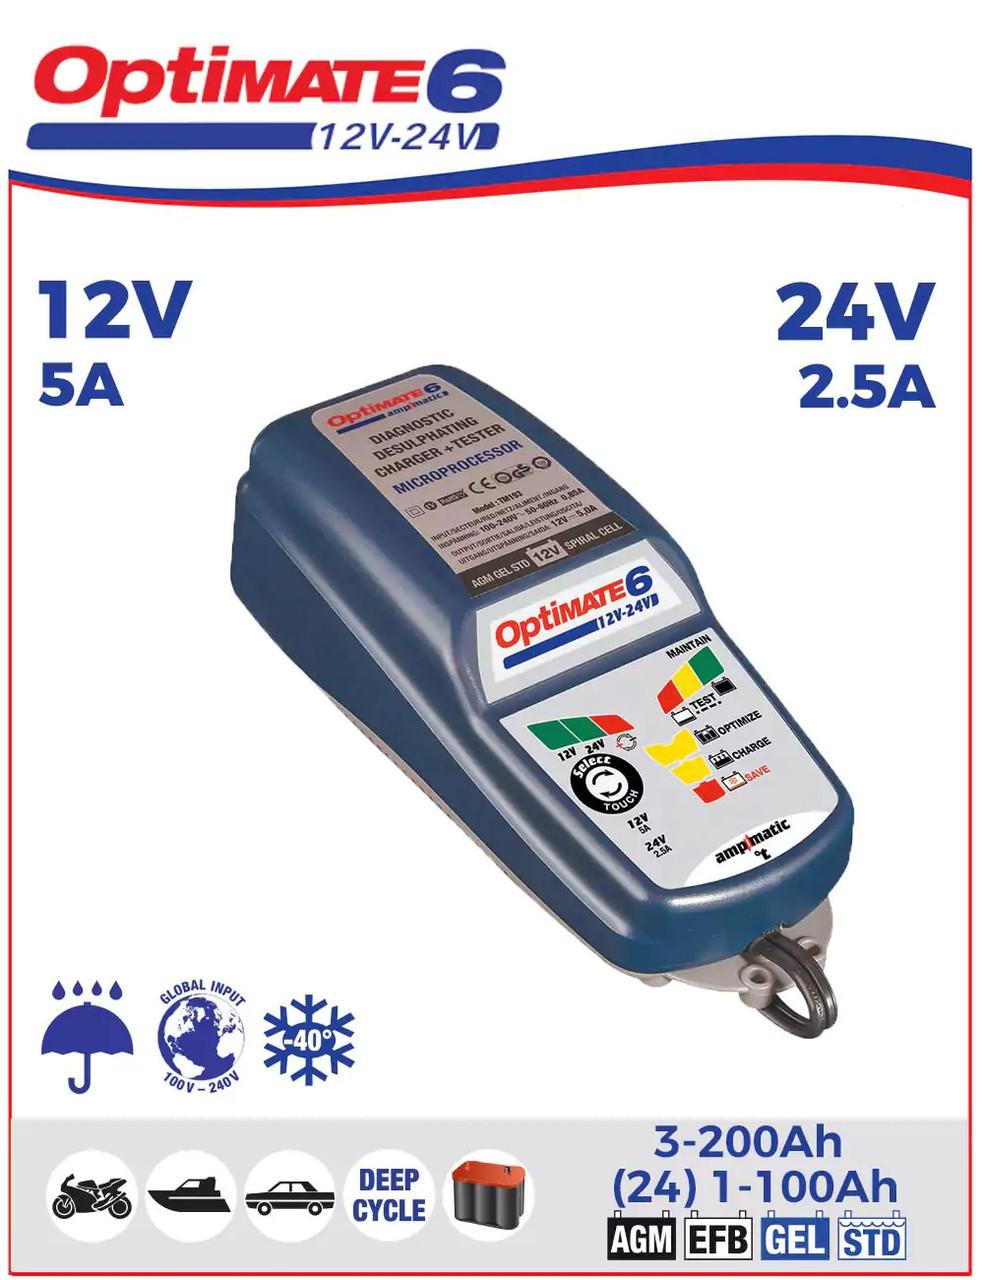 Зарядное устройство ™OptiMate 6  12/24V TM194 (1x5/2.5A, 12/24V)